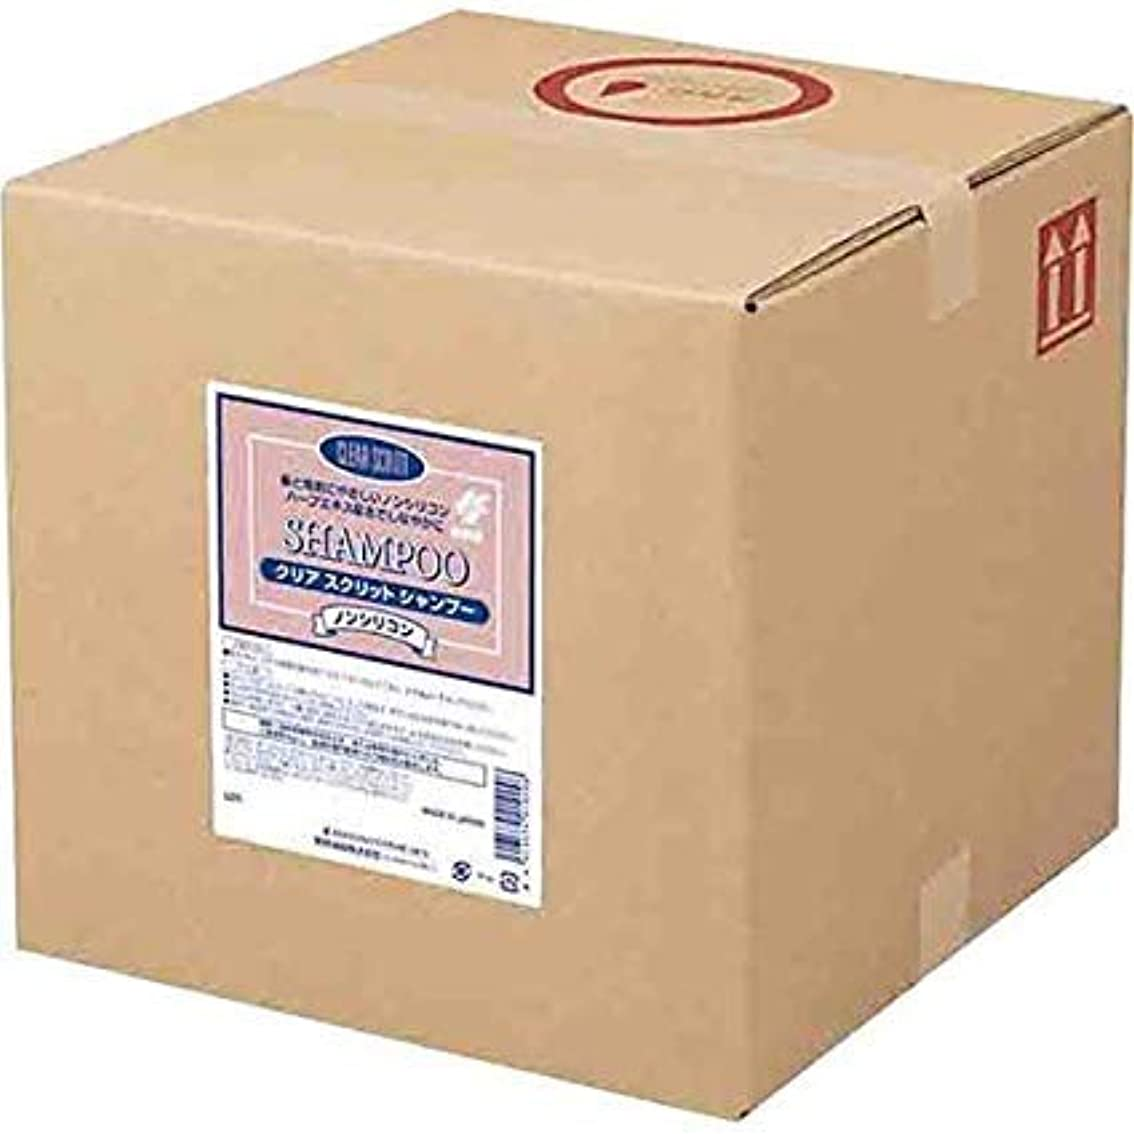 基礎理論動脈緩める業務用 クリアスクリット シャンプー 18L 熊野油脂 (コック付き)